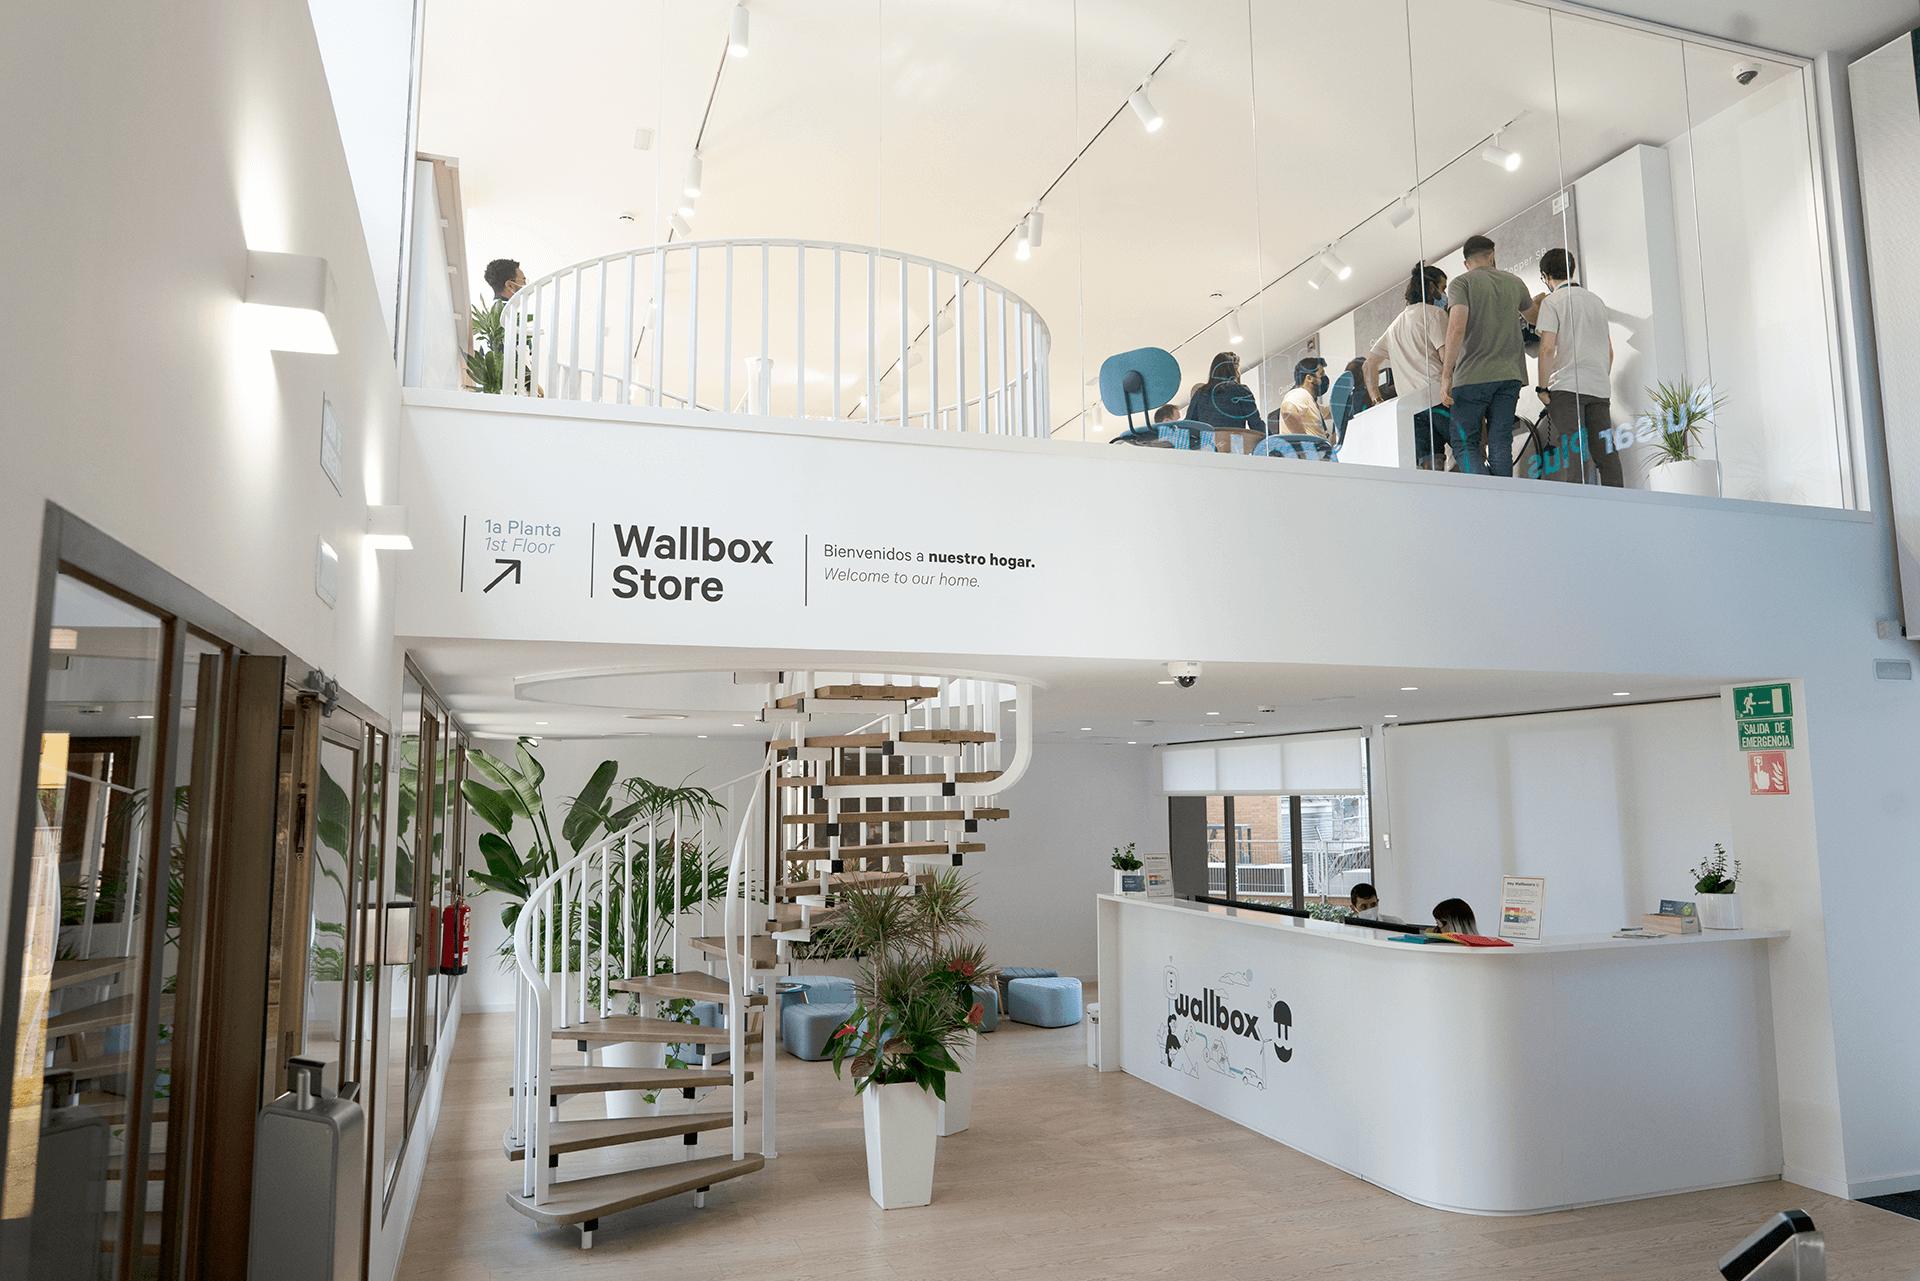 Wallbox abre una tienda experiencial de soluciones de carga inteligente en su sede en Barcelona